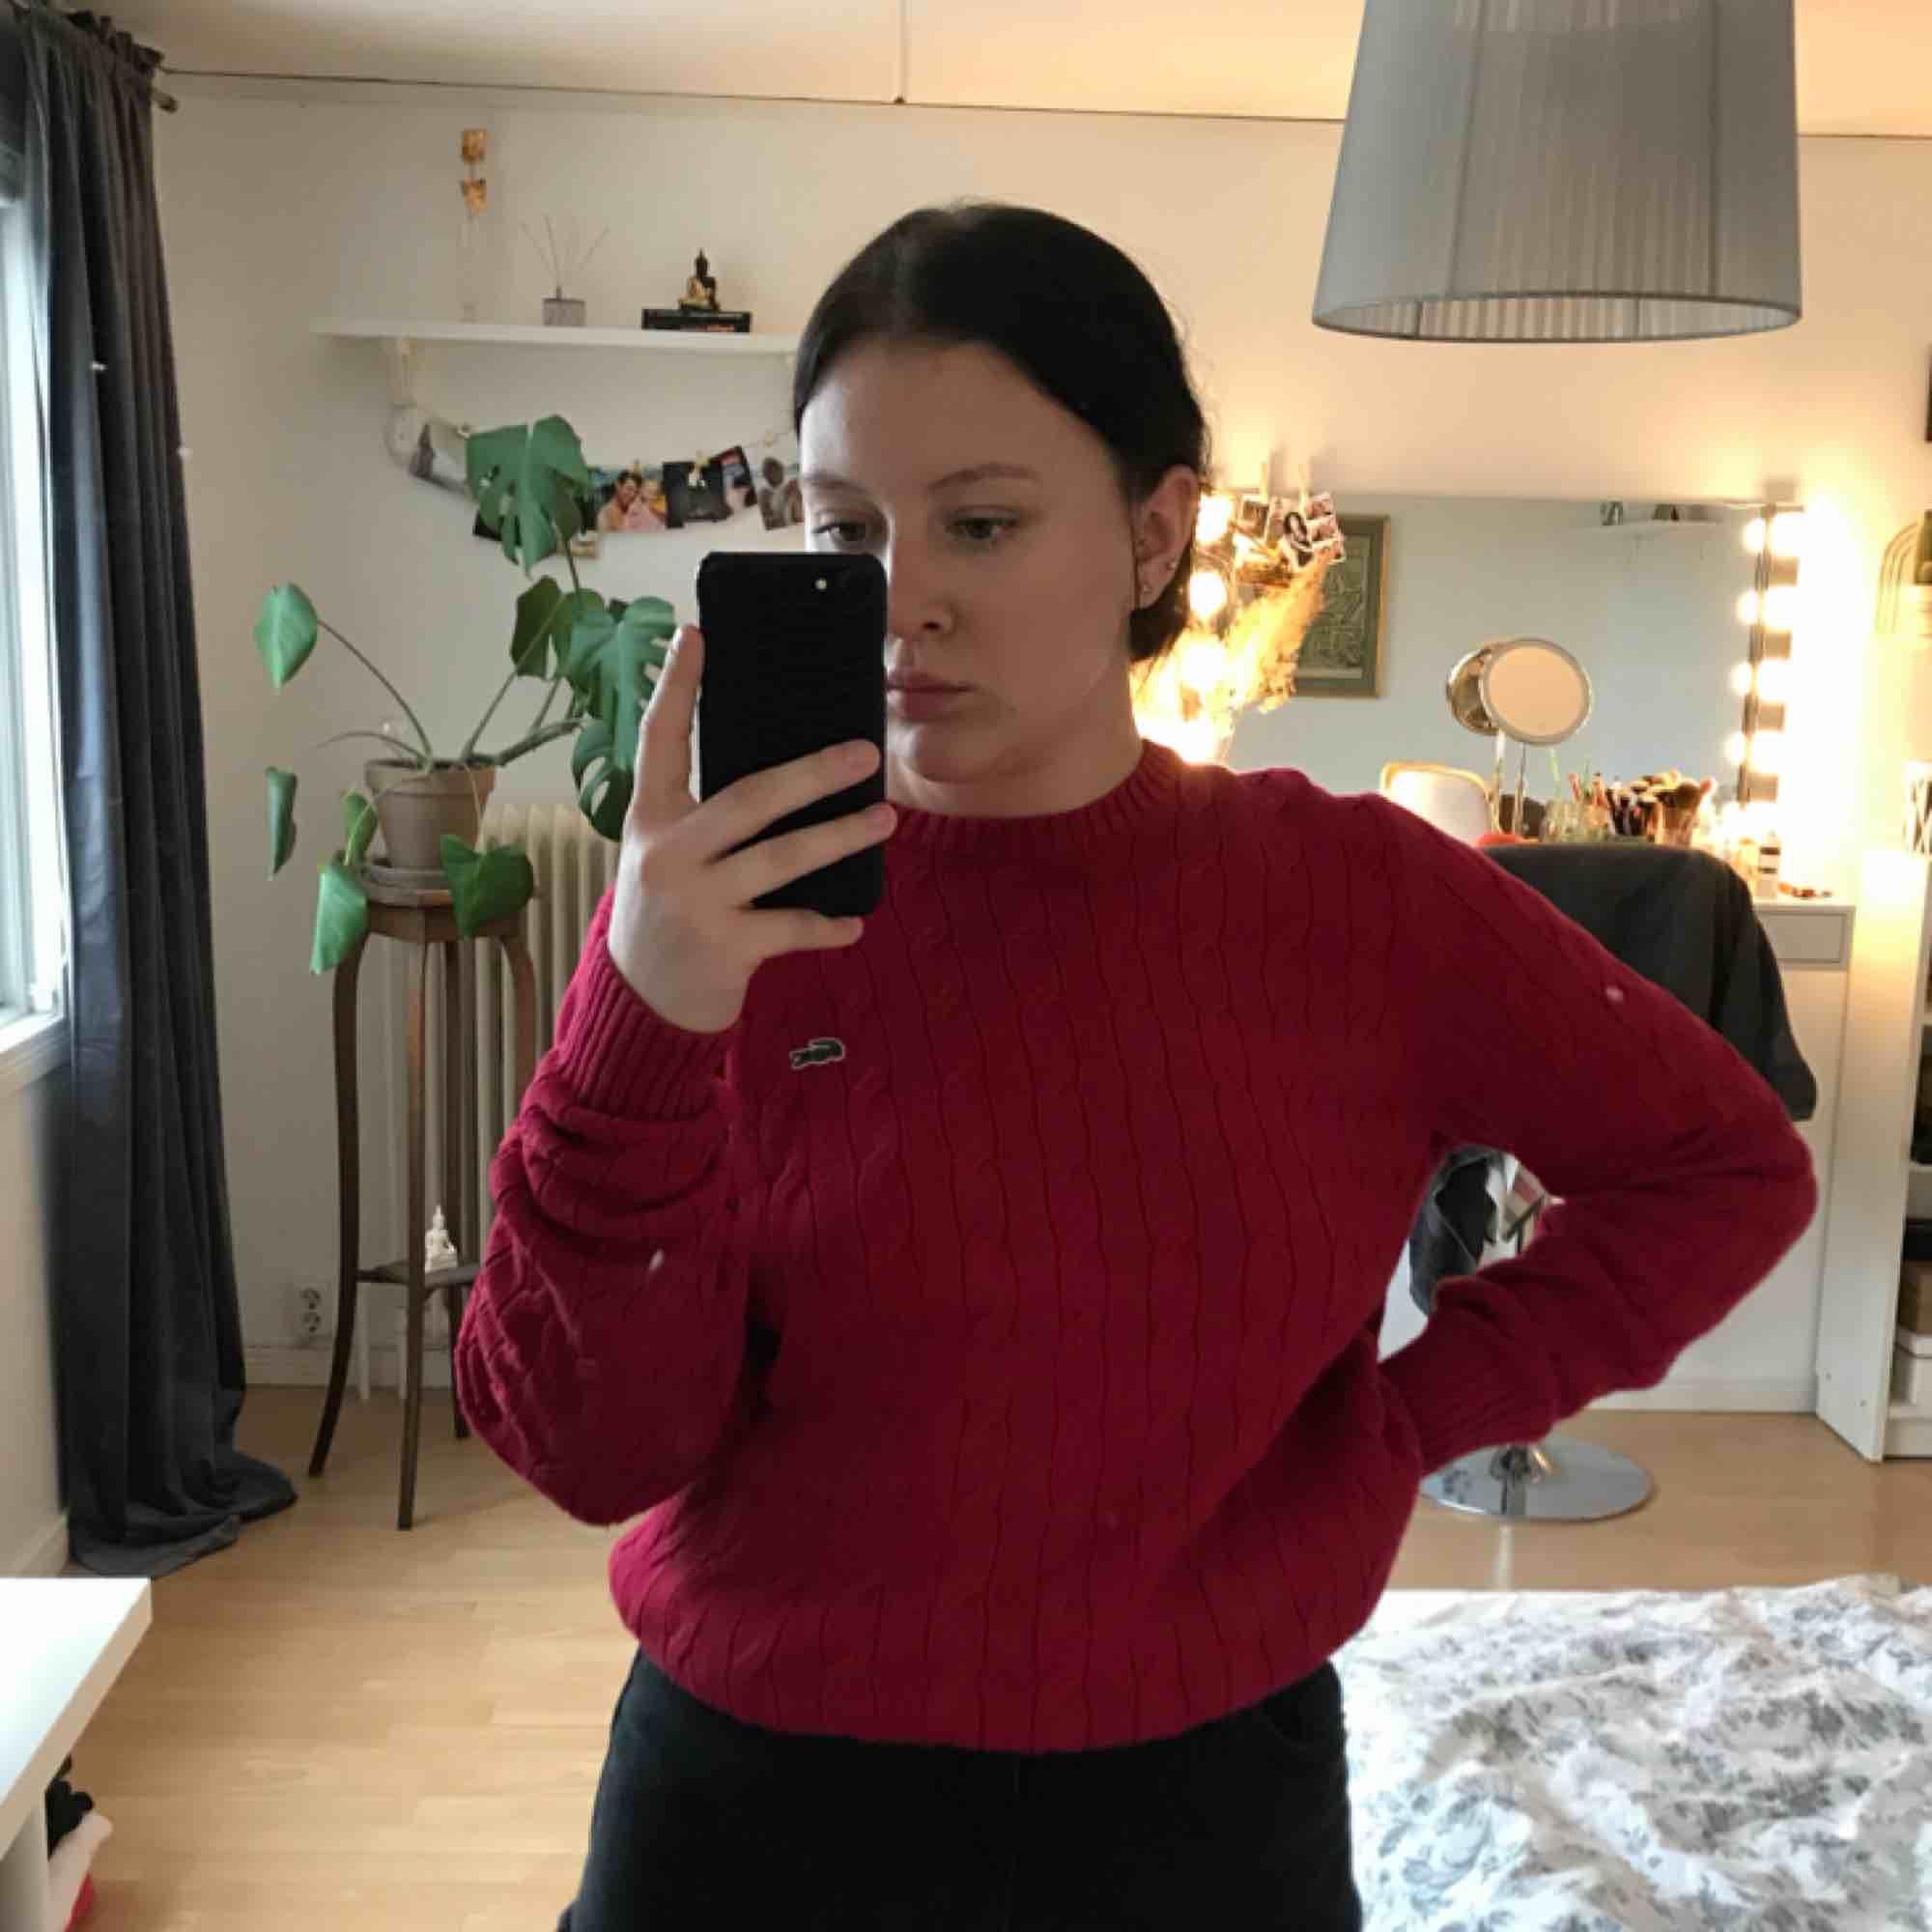 En skitsnygg Lacoste tröja. Storleken är 4 och typ som en M, jag är en S och på mig är den oversized och sitter as snyggt 💛 Nypris 1500kr  Mitt pris 250kr. Tröjor & Koftor.